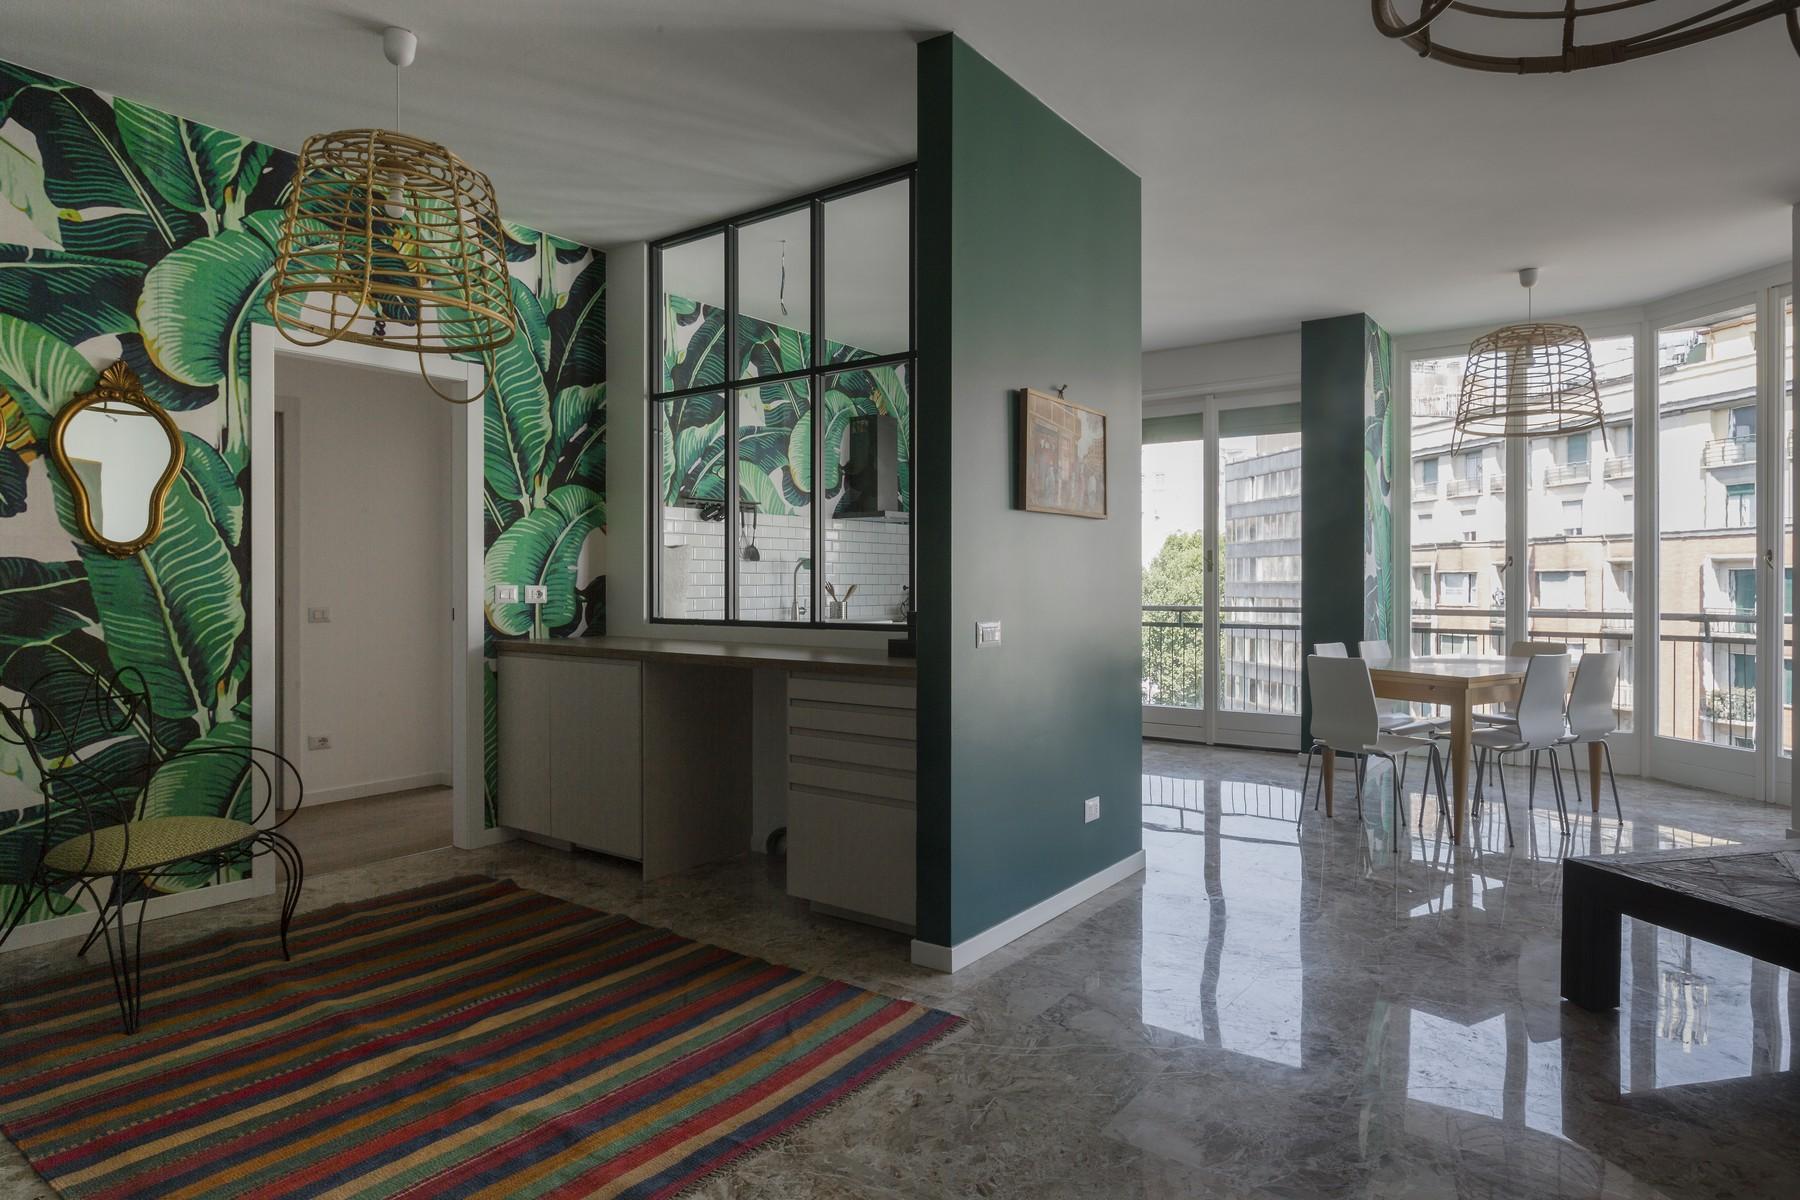 Appartamento in Affitto a Milano 01 Centro storico (Cerchia dei Navigli):  4 locali, 130 mq  - Foto 1